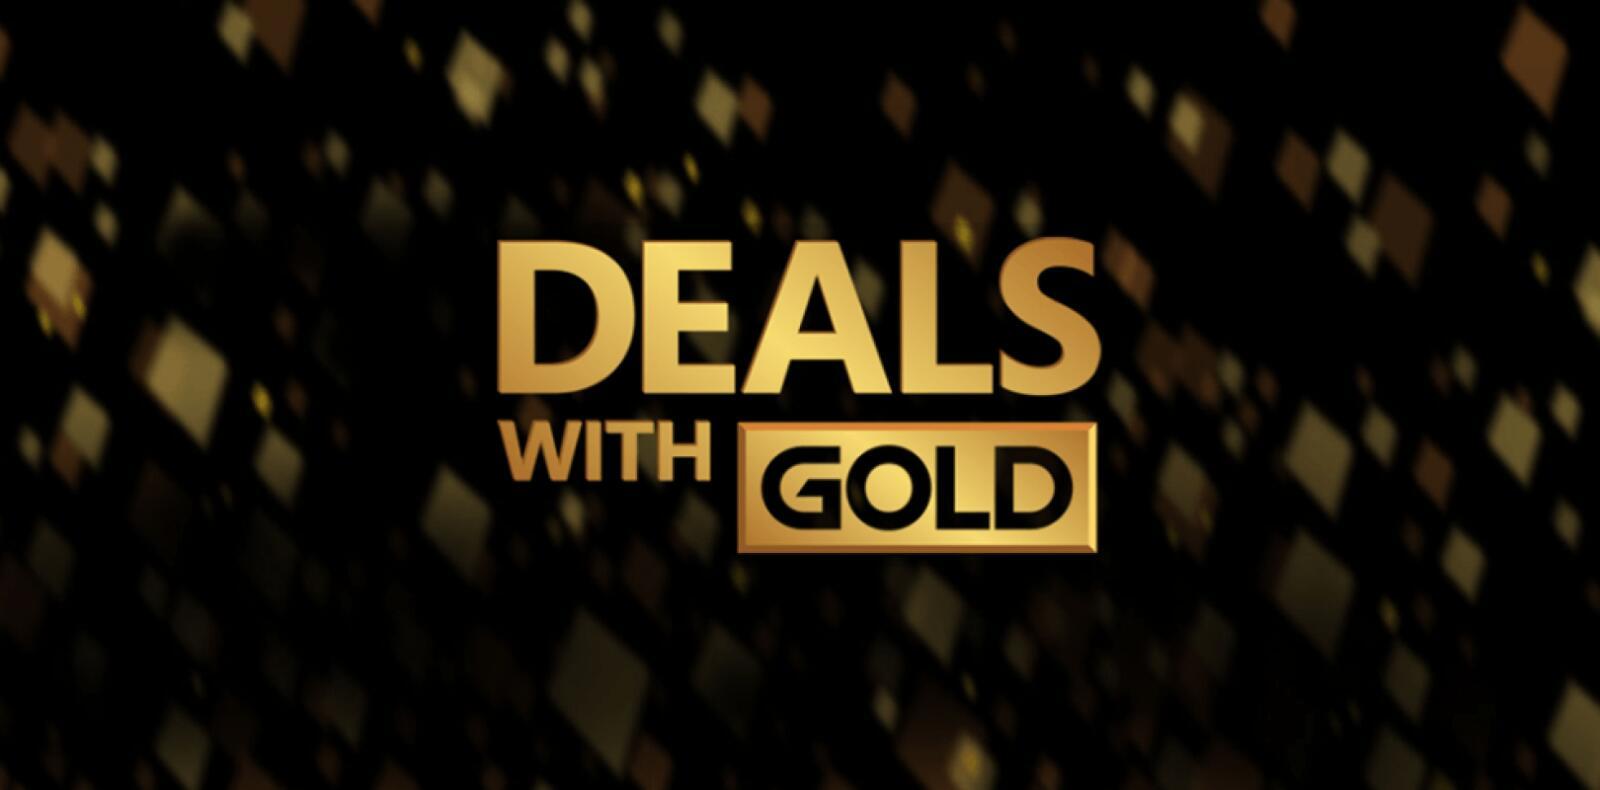 Xbox: Deals With Gold semana del 20 al 27 de abril de 2021